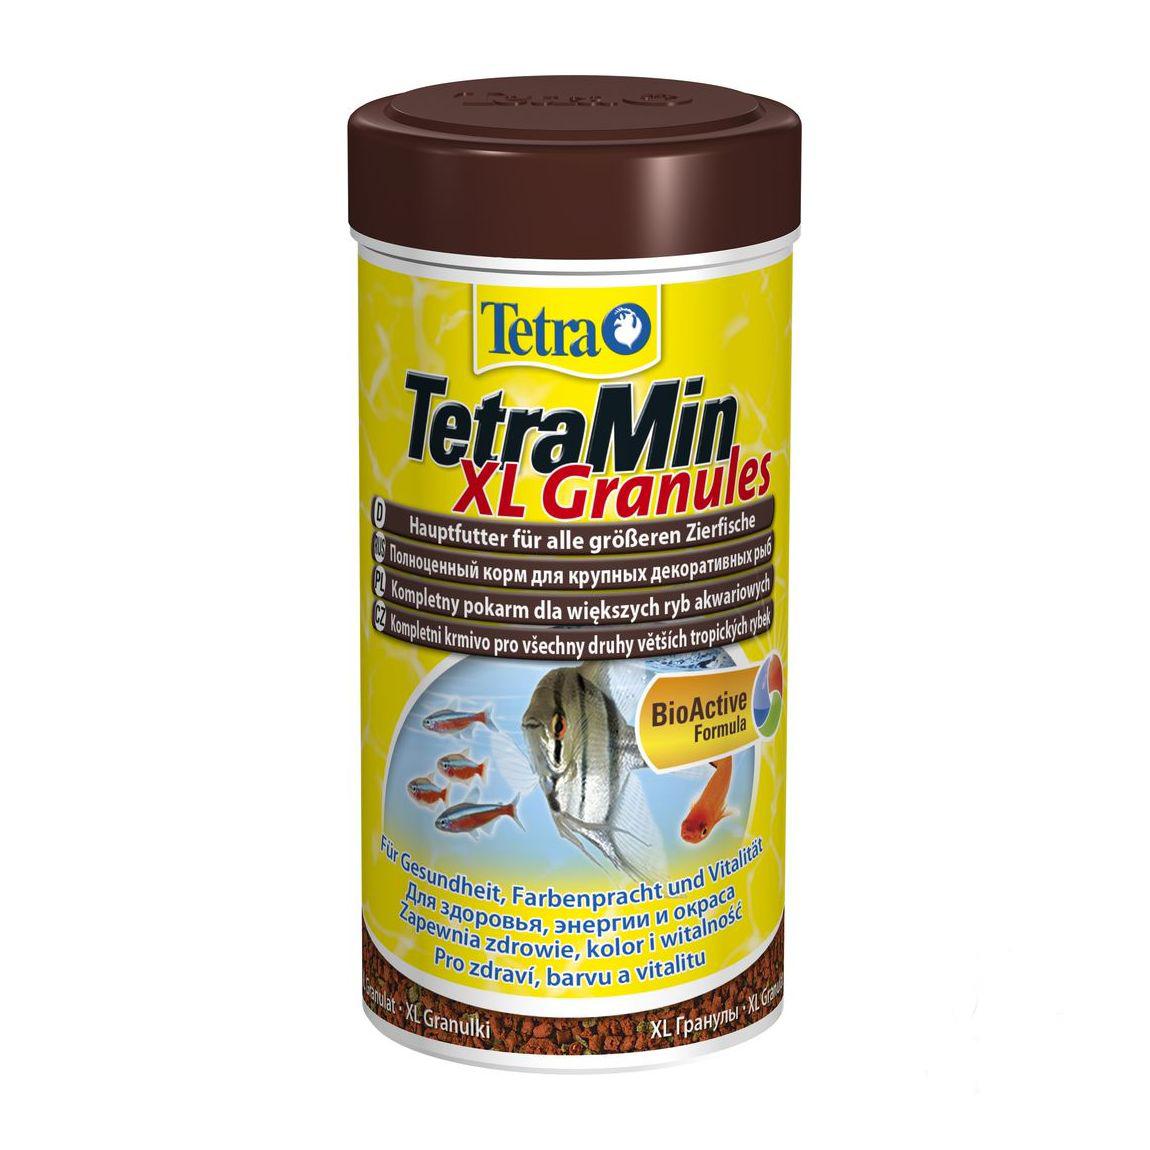 Корм Tetra TetraMin. XL Granules для крупных декоративных рыб, гранулы, 250 мл (82 г)189638Корм Tetra TetraMin. XL Granules - биологически сбалансированный корм в виде гранул. Предназначен для всех видов крупных декоративных рыб. Тщательно подобранная смесь высокопитательных ингредиентов c витаминами, минералами и микроэлементами для ежедневного полноценного питания. Медленно погружающиеся гранулы круглой формы быстро размягчаются в воде, идеально подходят для любых видов больших рыб, питающихся в средних слоях воды. Запатентованная БиоАктив-формула поддерживает работоспособность иммунной системы, обеспечивая высокую продолжительность жизни. Состав: рыба и побочные рыбные продукты, зерновые культуры, дрожжи, экстракты растительного белка, моллюски и раки, водоросли, масла и жиры, минеральные вещества. Аналитические компоненты: сырой белок 48%, сырые масла и жиры 7%, сырая клетчатка 2%, влага 8%. Добавки: витамины, провитамины и химические вещества с аналогичным воздействием: витамин A 29730 МЕ/кг, витамин Д3 1860 МЕ/кг....